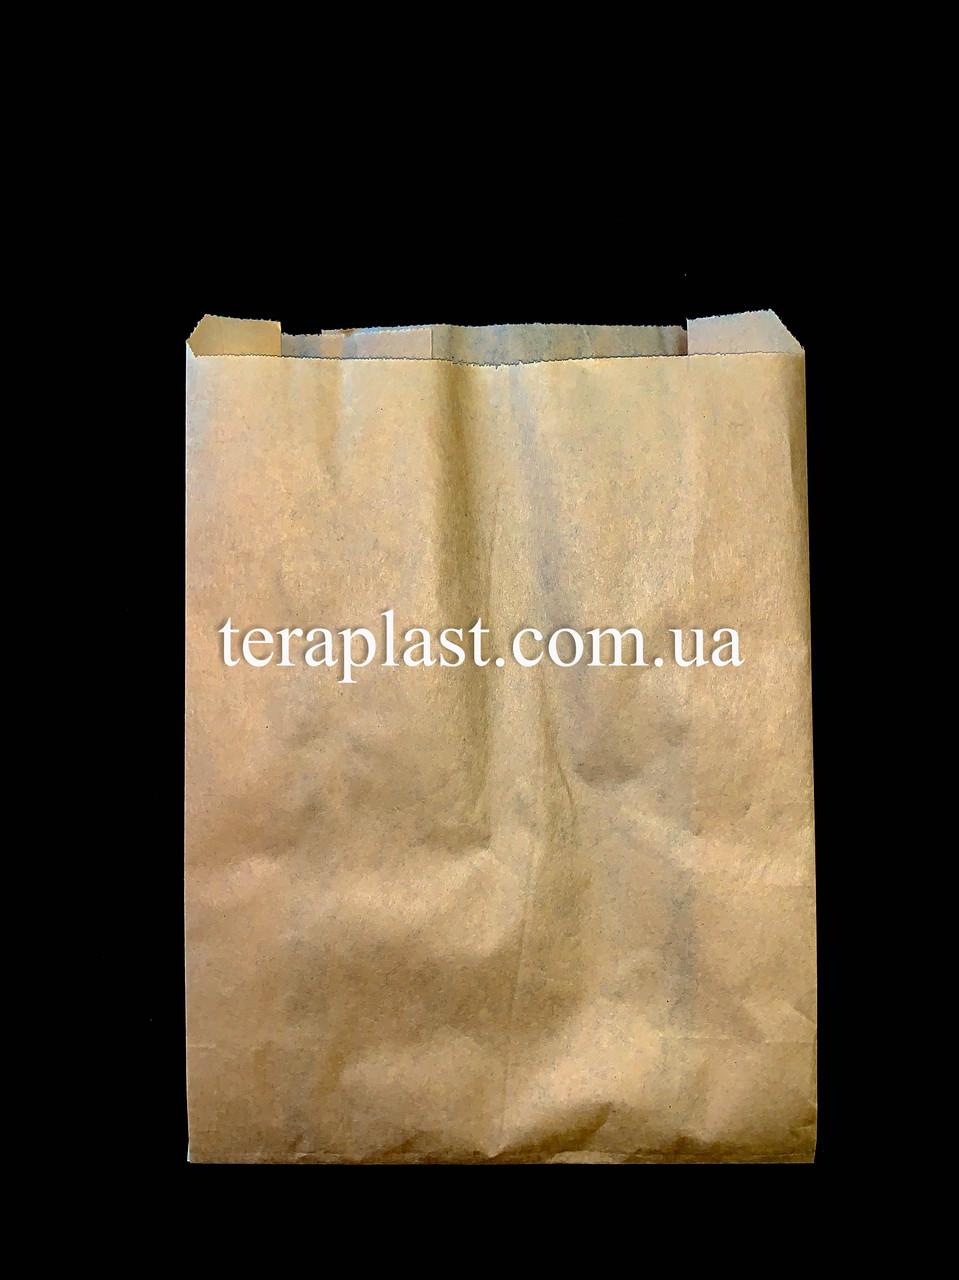 Пакет бумажный саше бурый 180х250х60